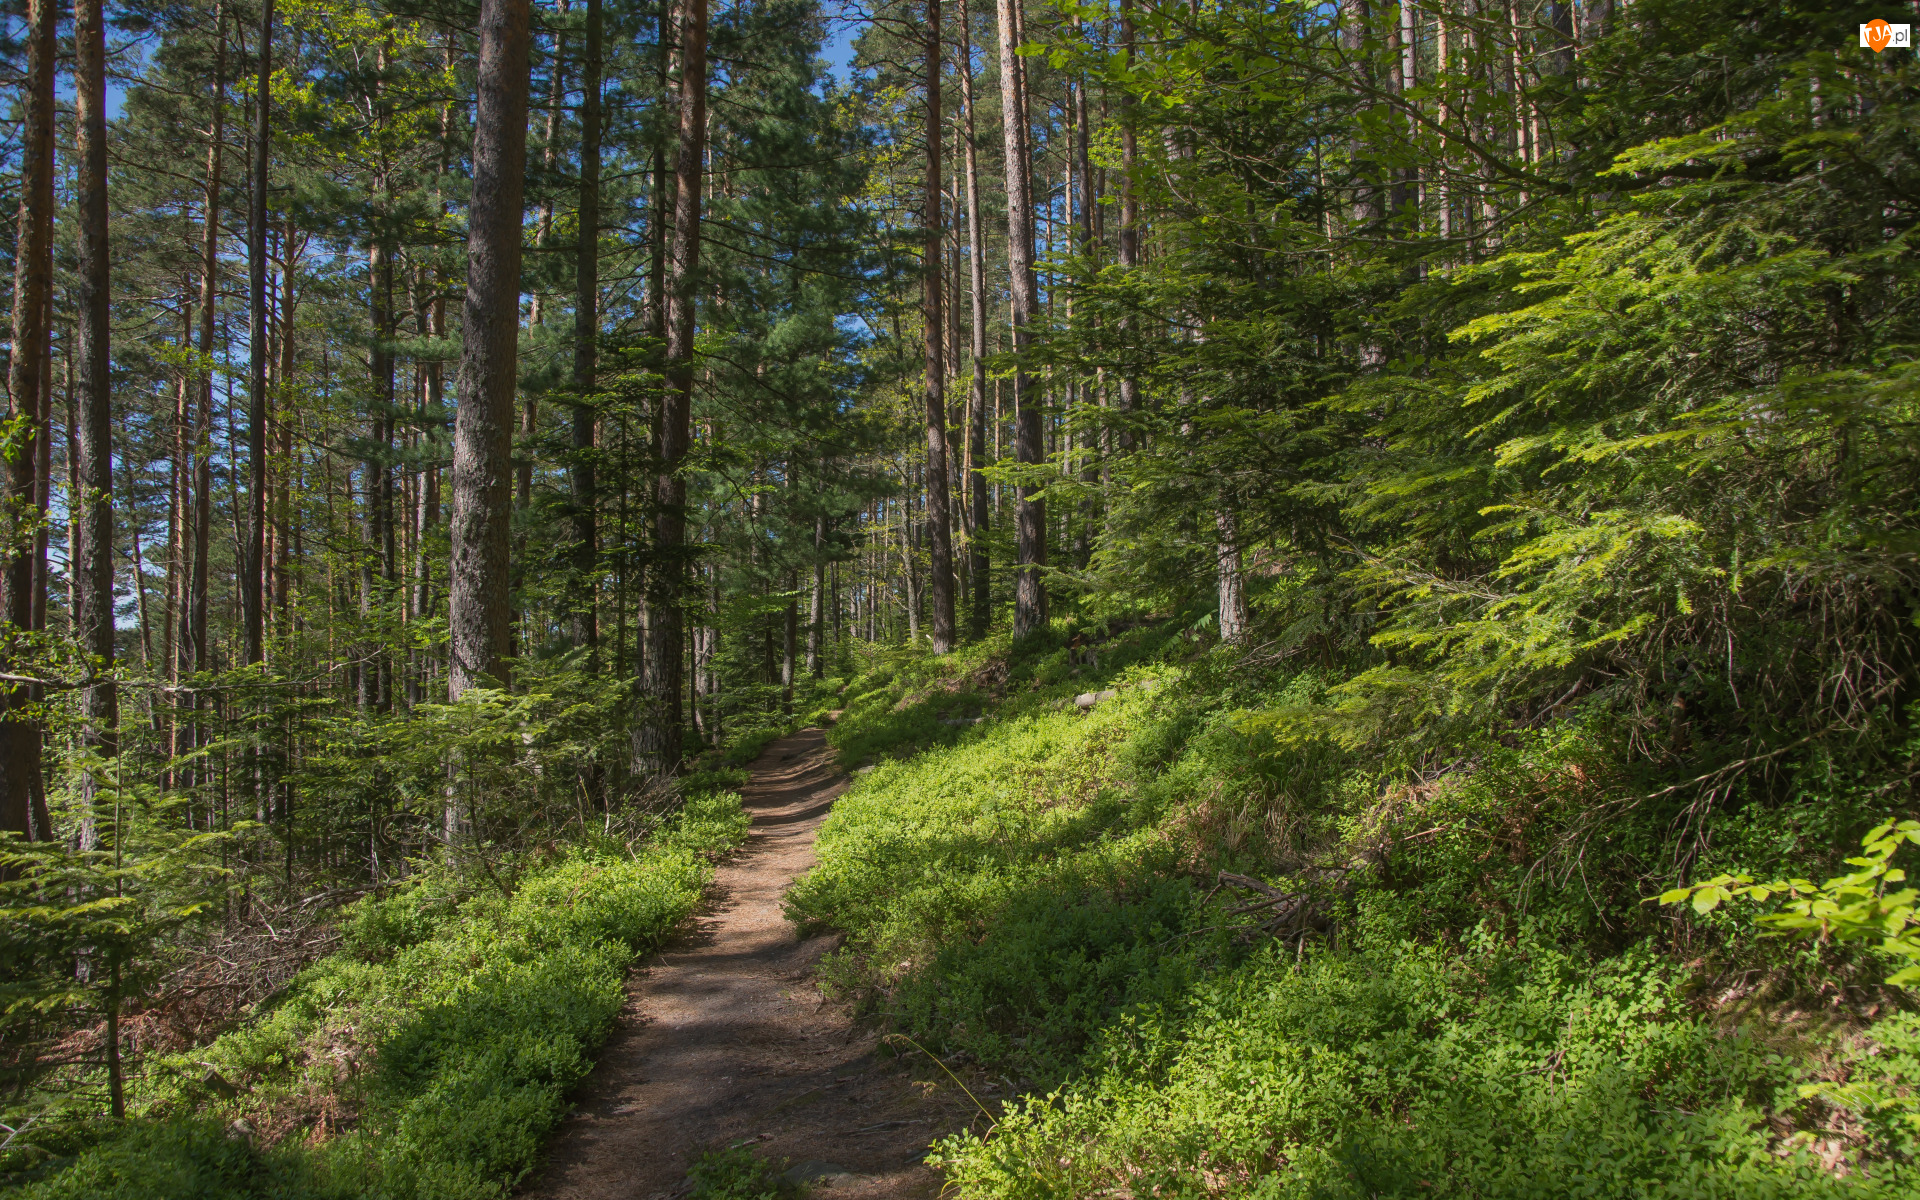 Ścieżka, Roślinność, Drzewa, Las, Krzewy